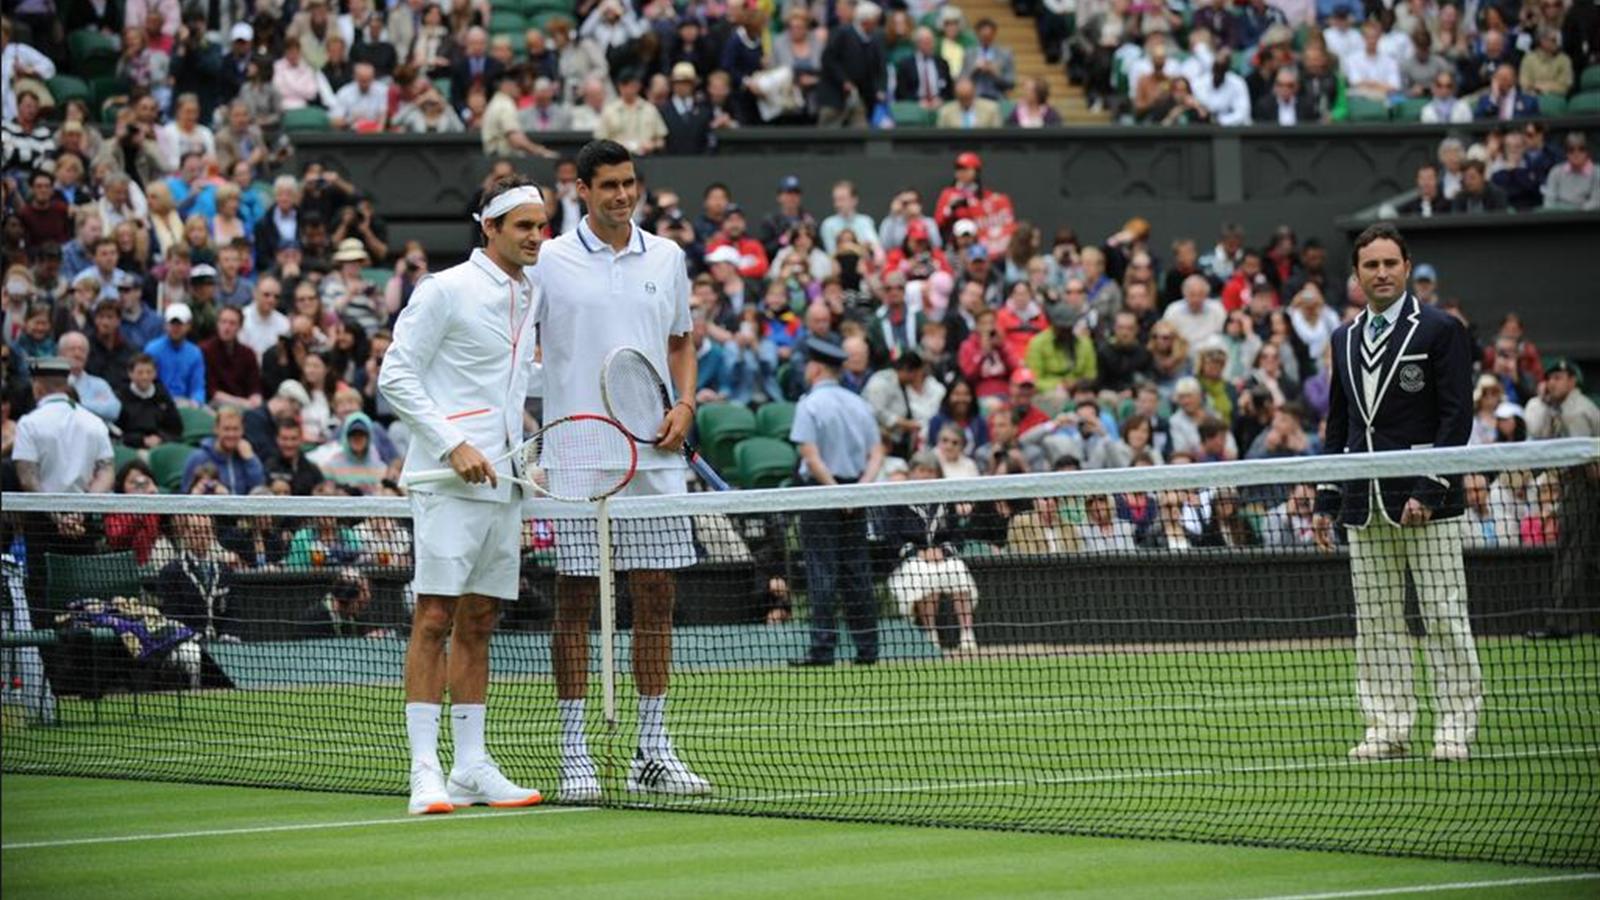 Le discret blazer surprise de Federer Wimbledon 2013